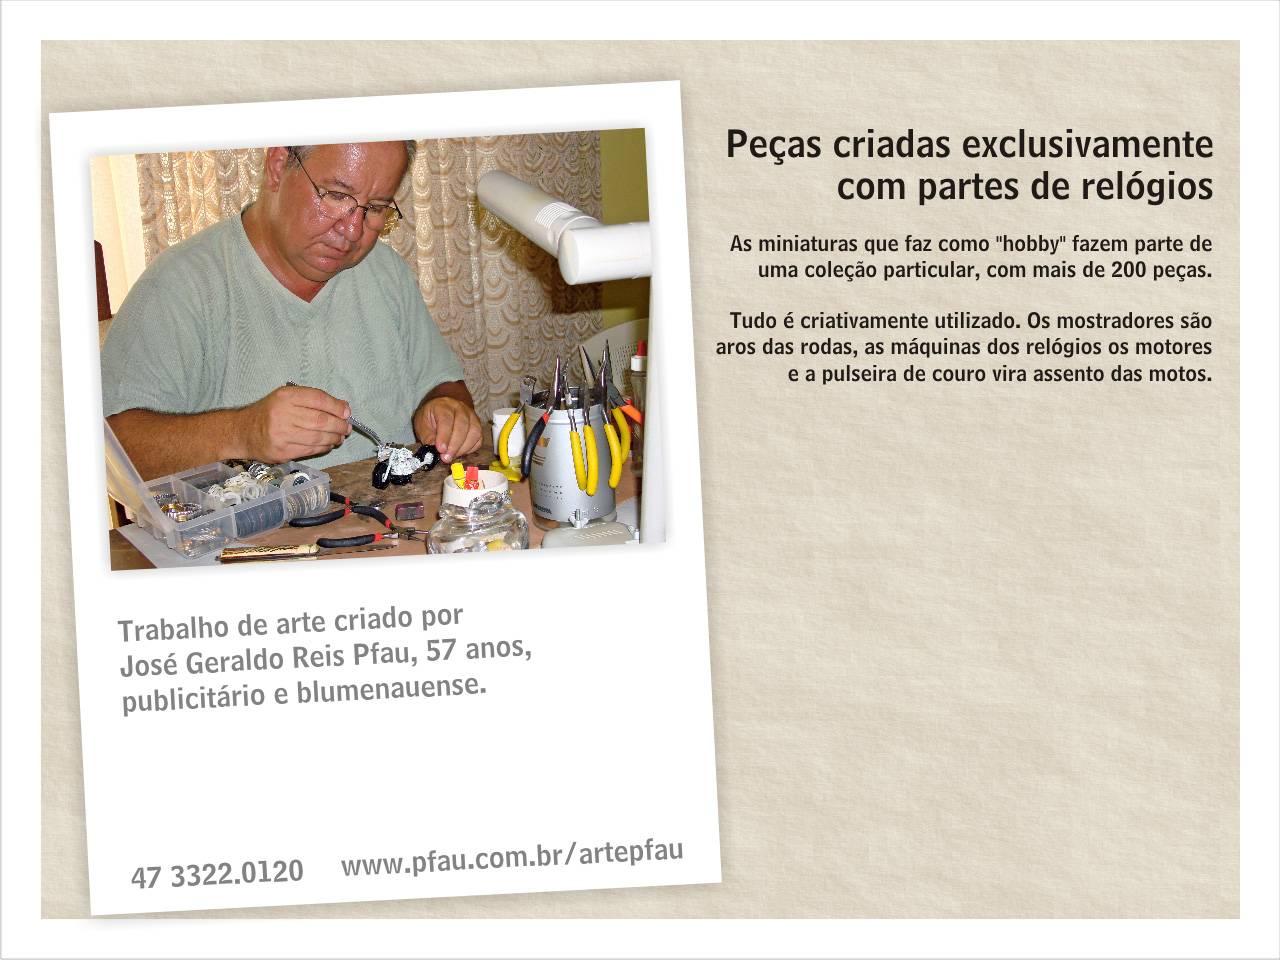 dfac56b7d9c 1 + - (ummaisoumenos.blogspot.com.br)  Motos feitas de peças de ...